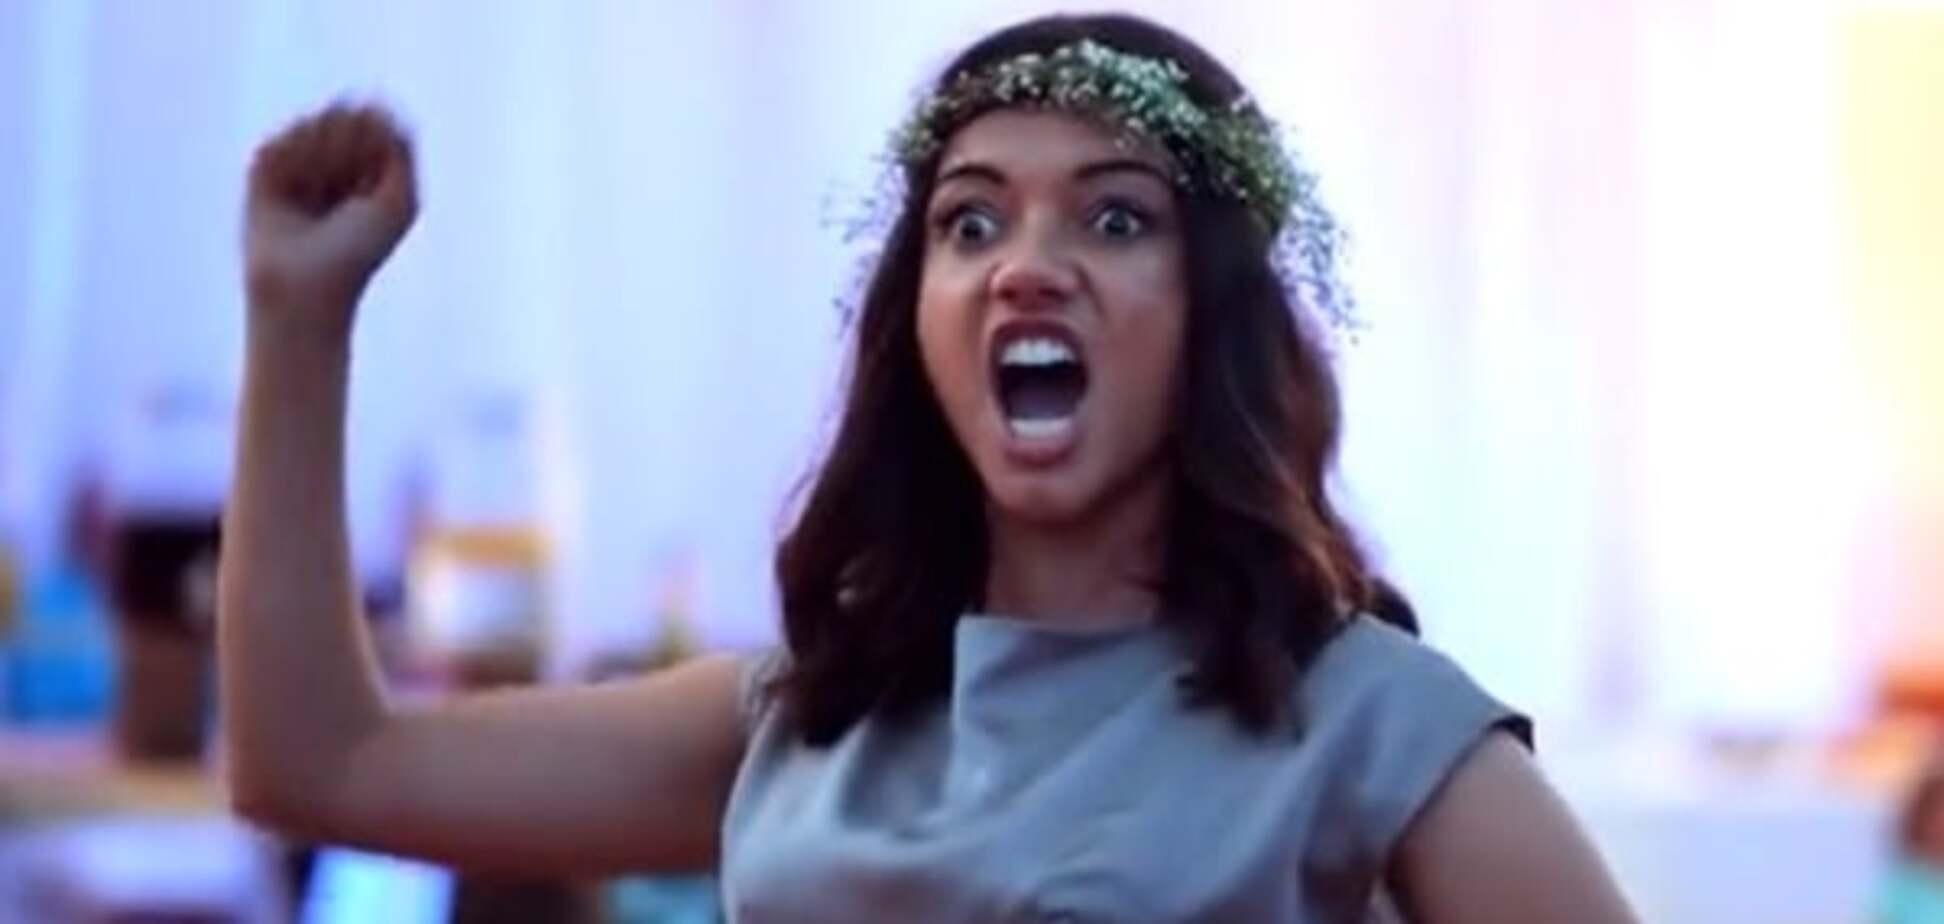 Інтернет 'підірвало' відео з ритуальним танцем Хака на весіллі